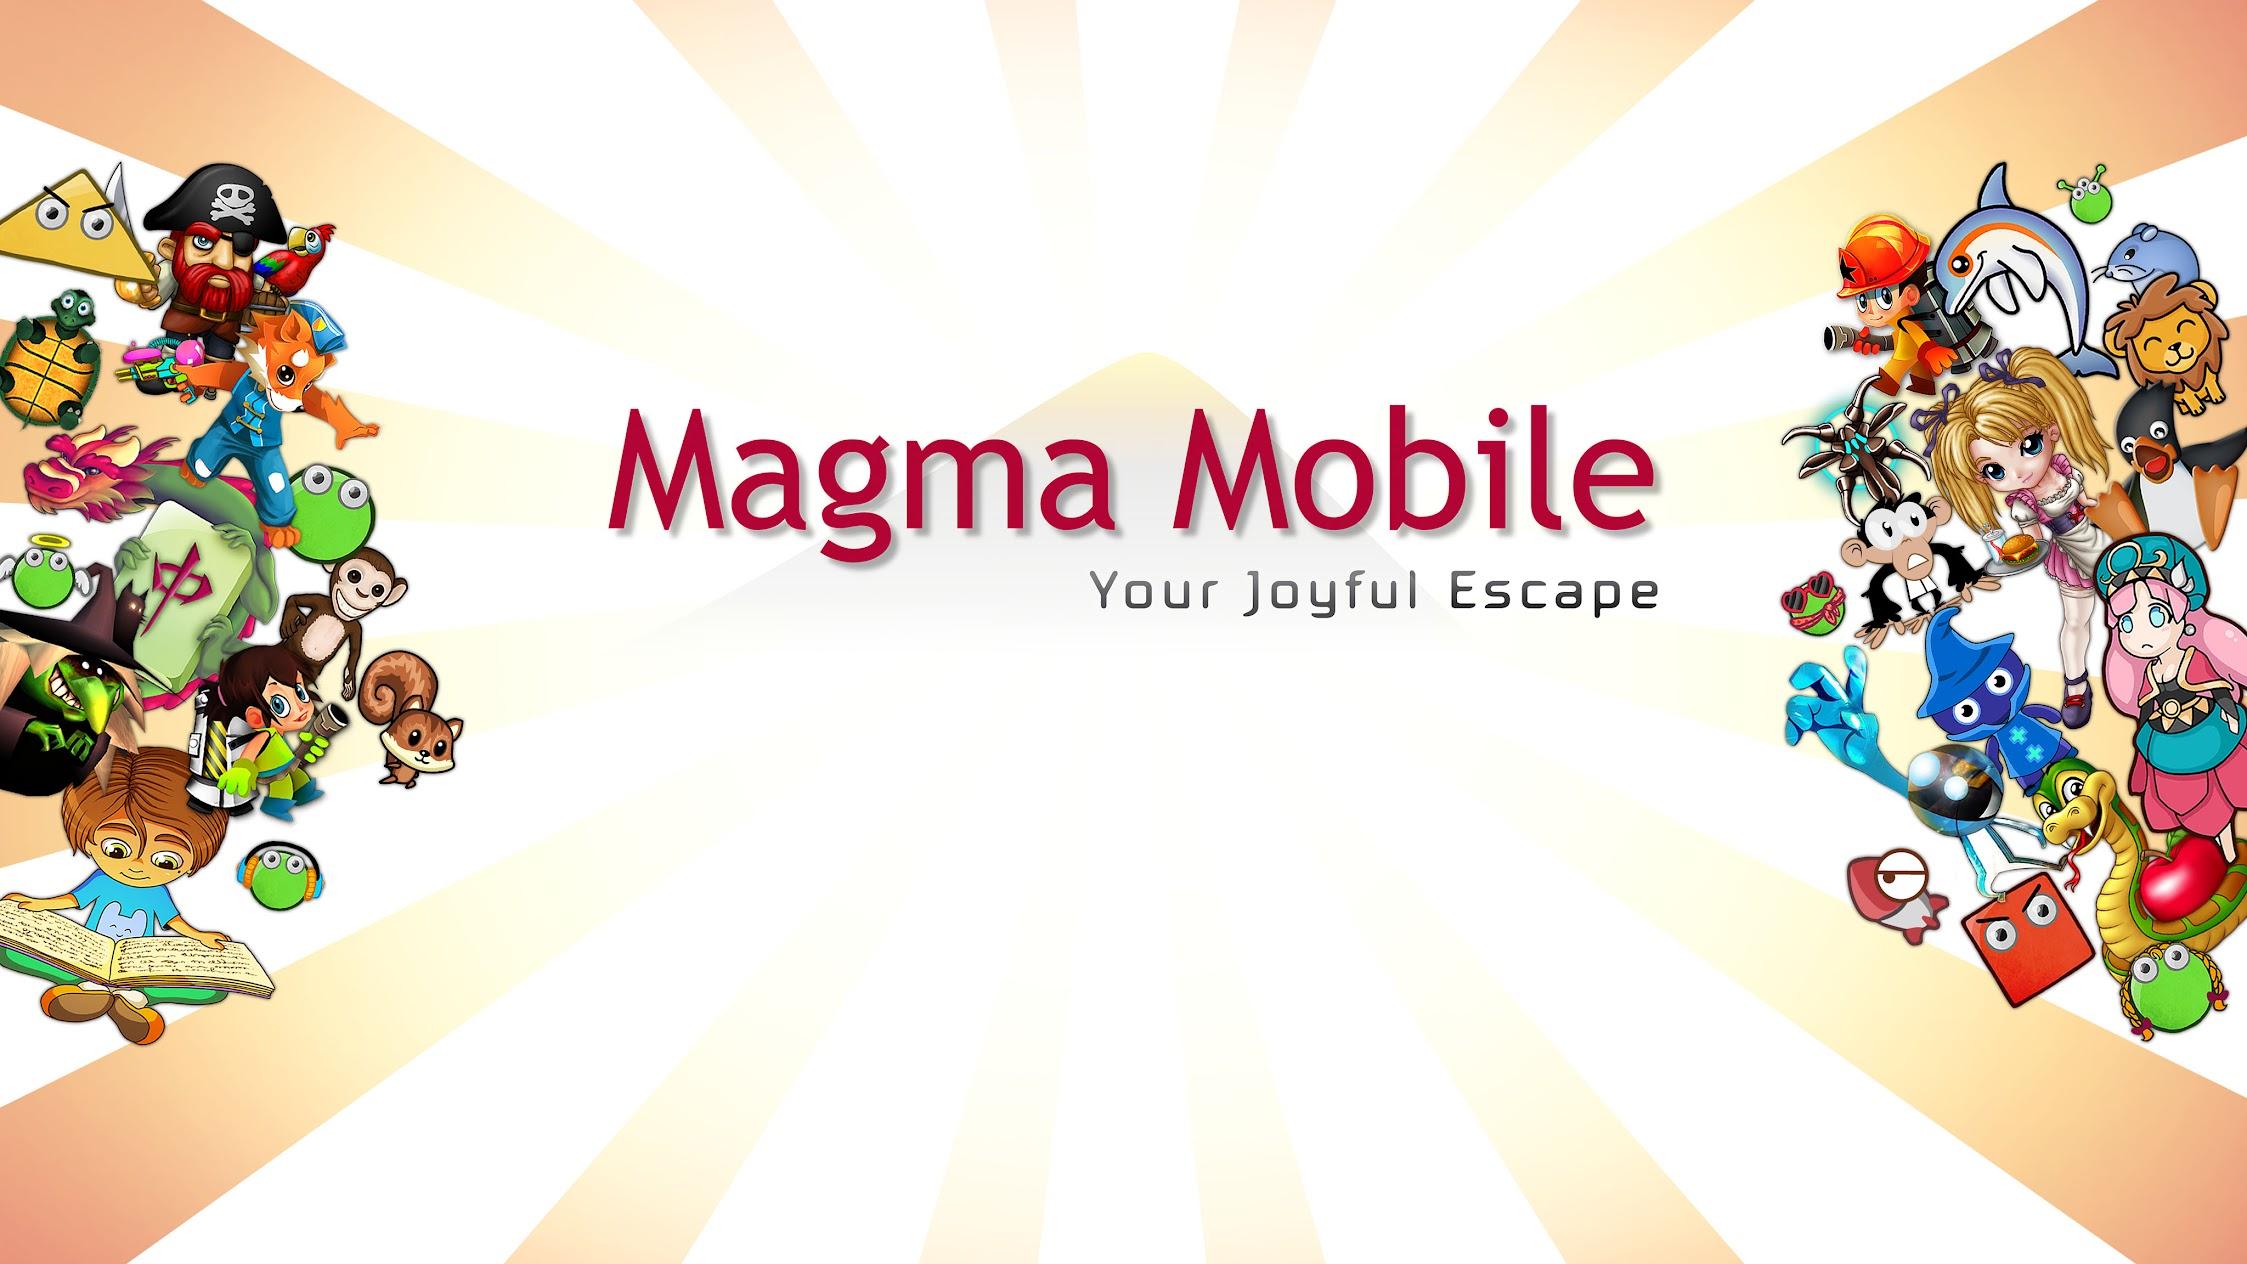 Magma Mobile